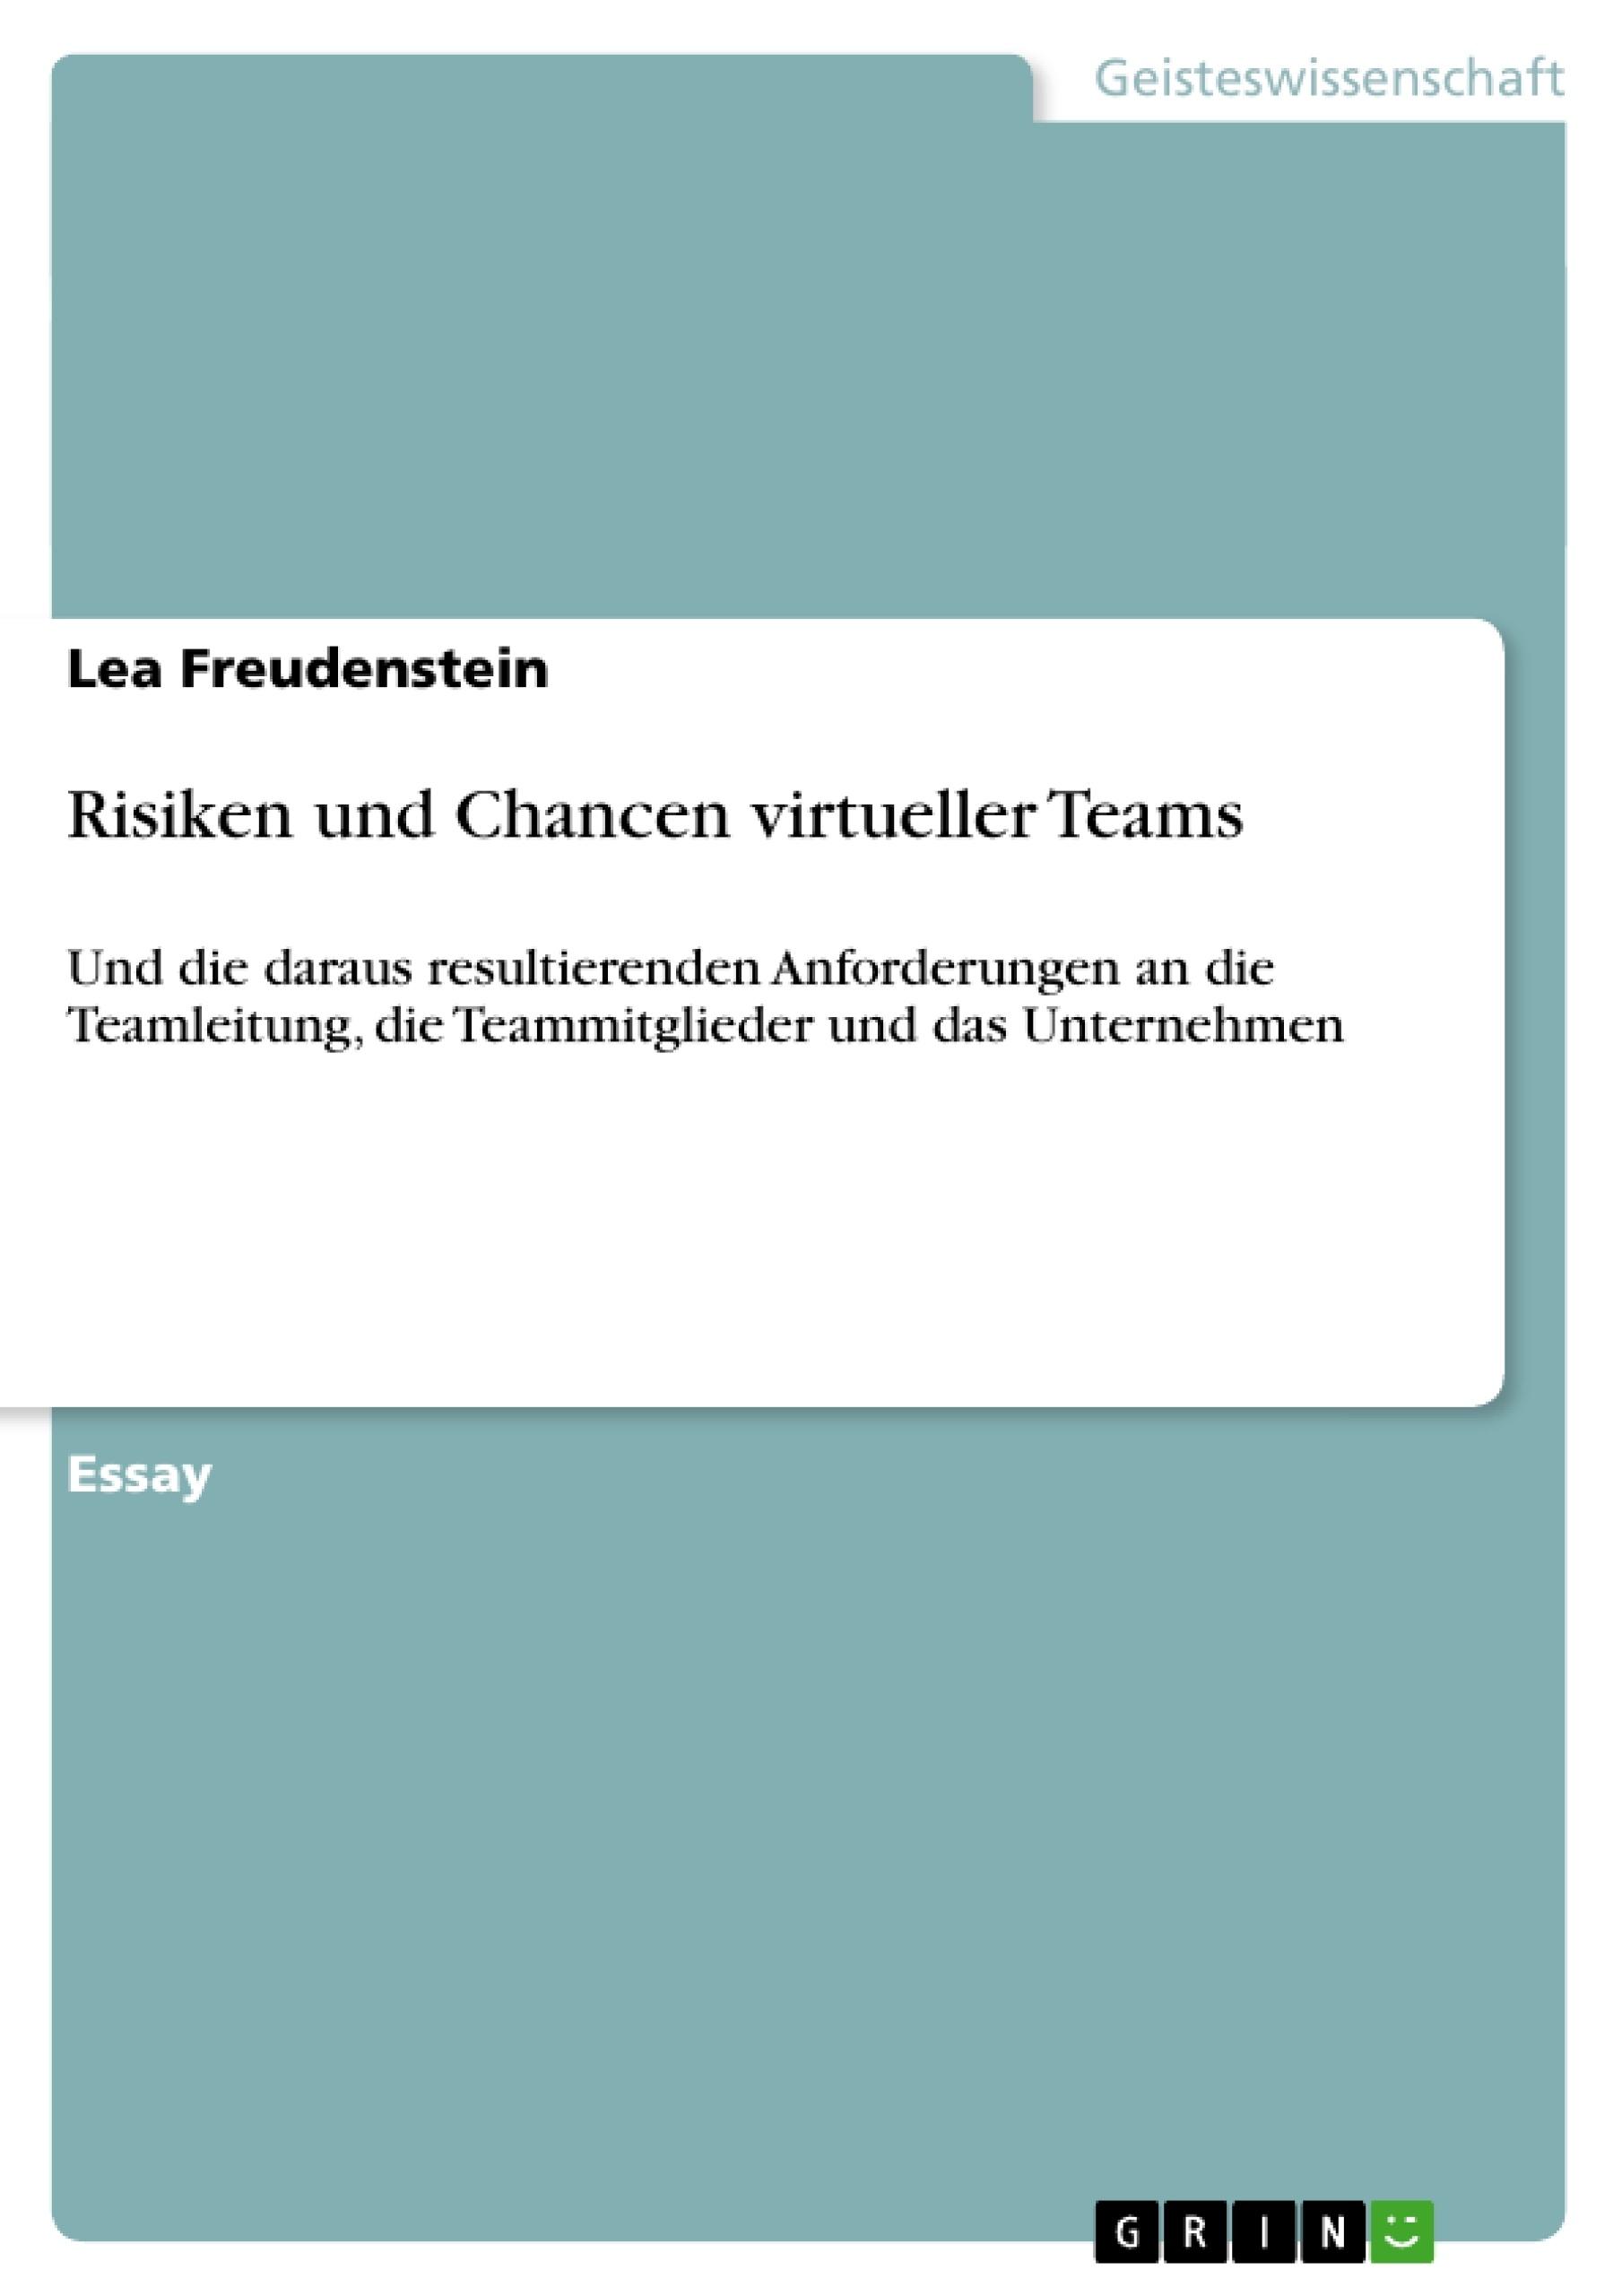 Titel: Risiken und Chancen virtueller Teams